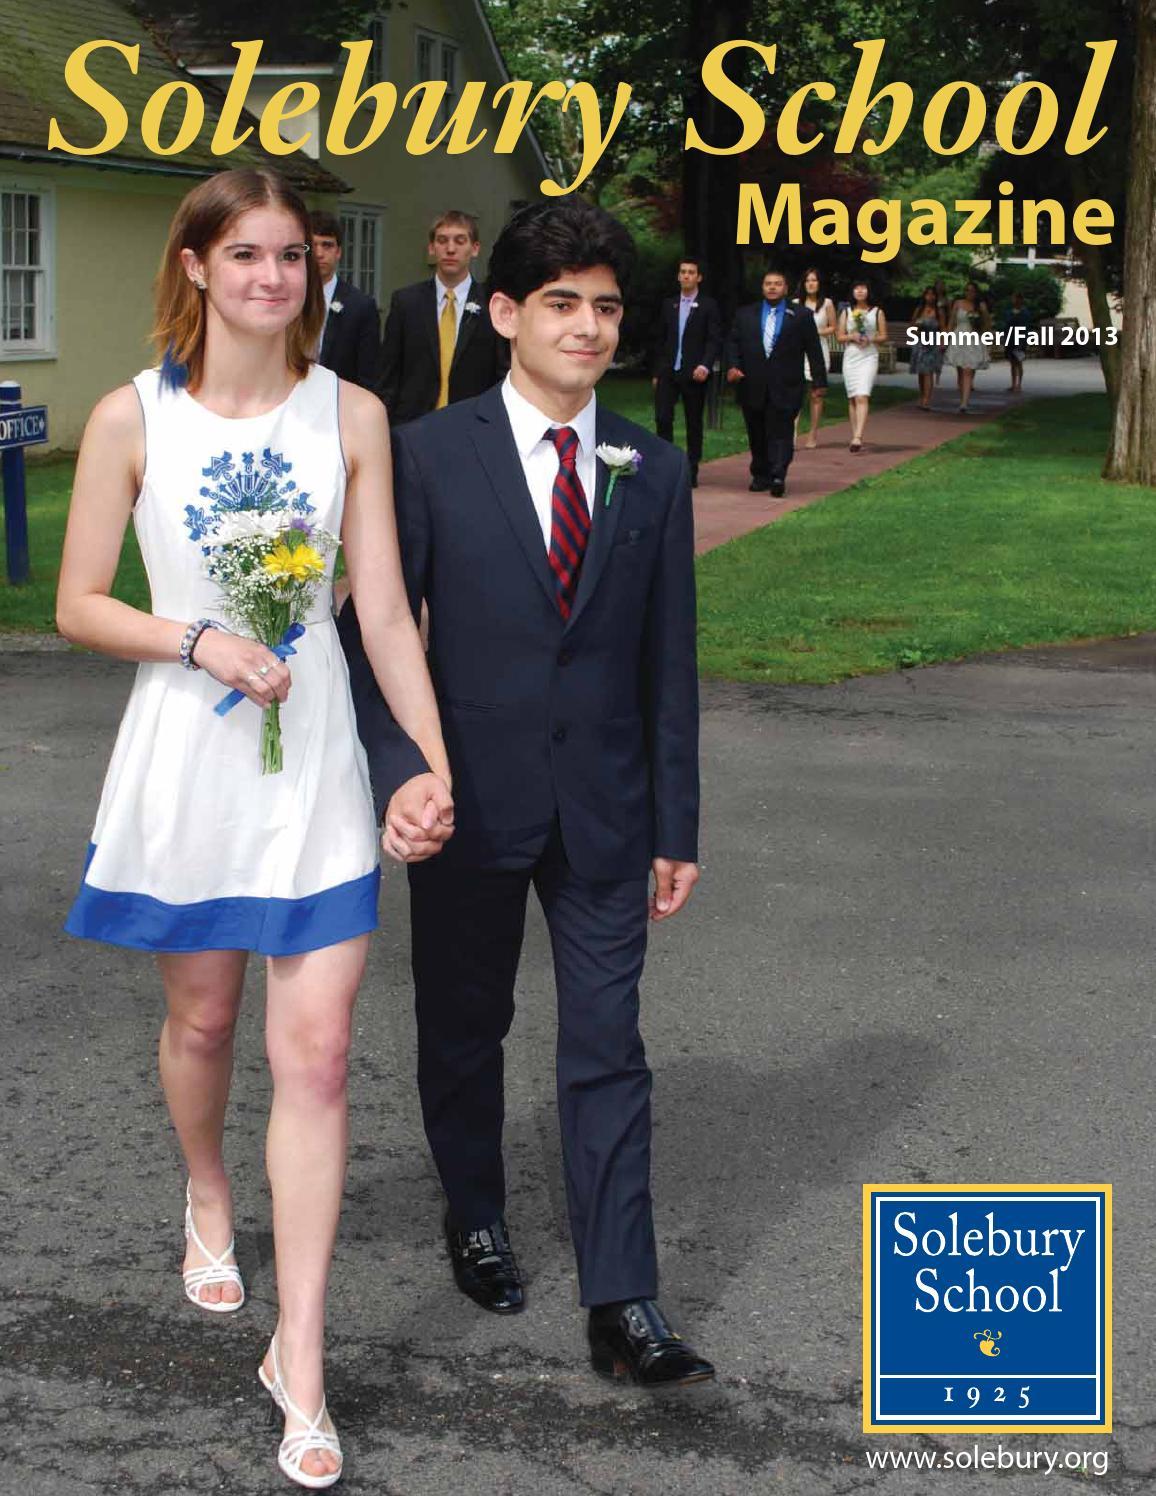 Solebury School Magazine Summer Fall 2013 By Solebury School Issuu